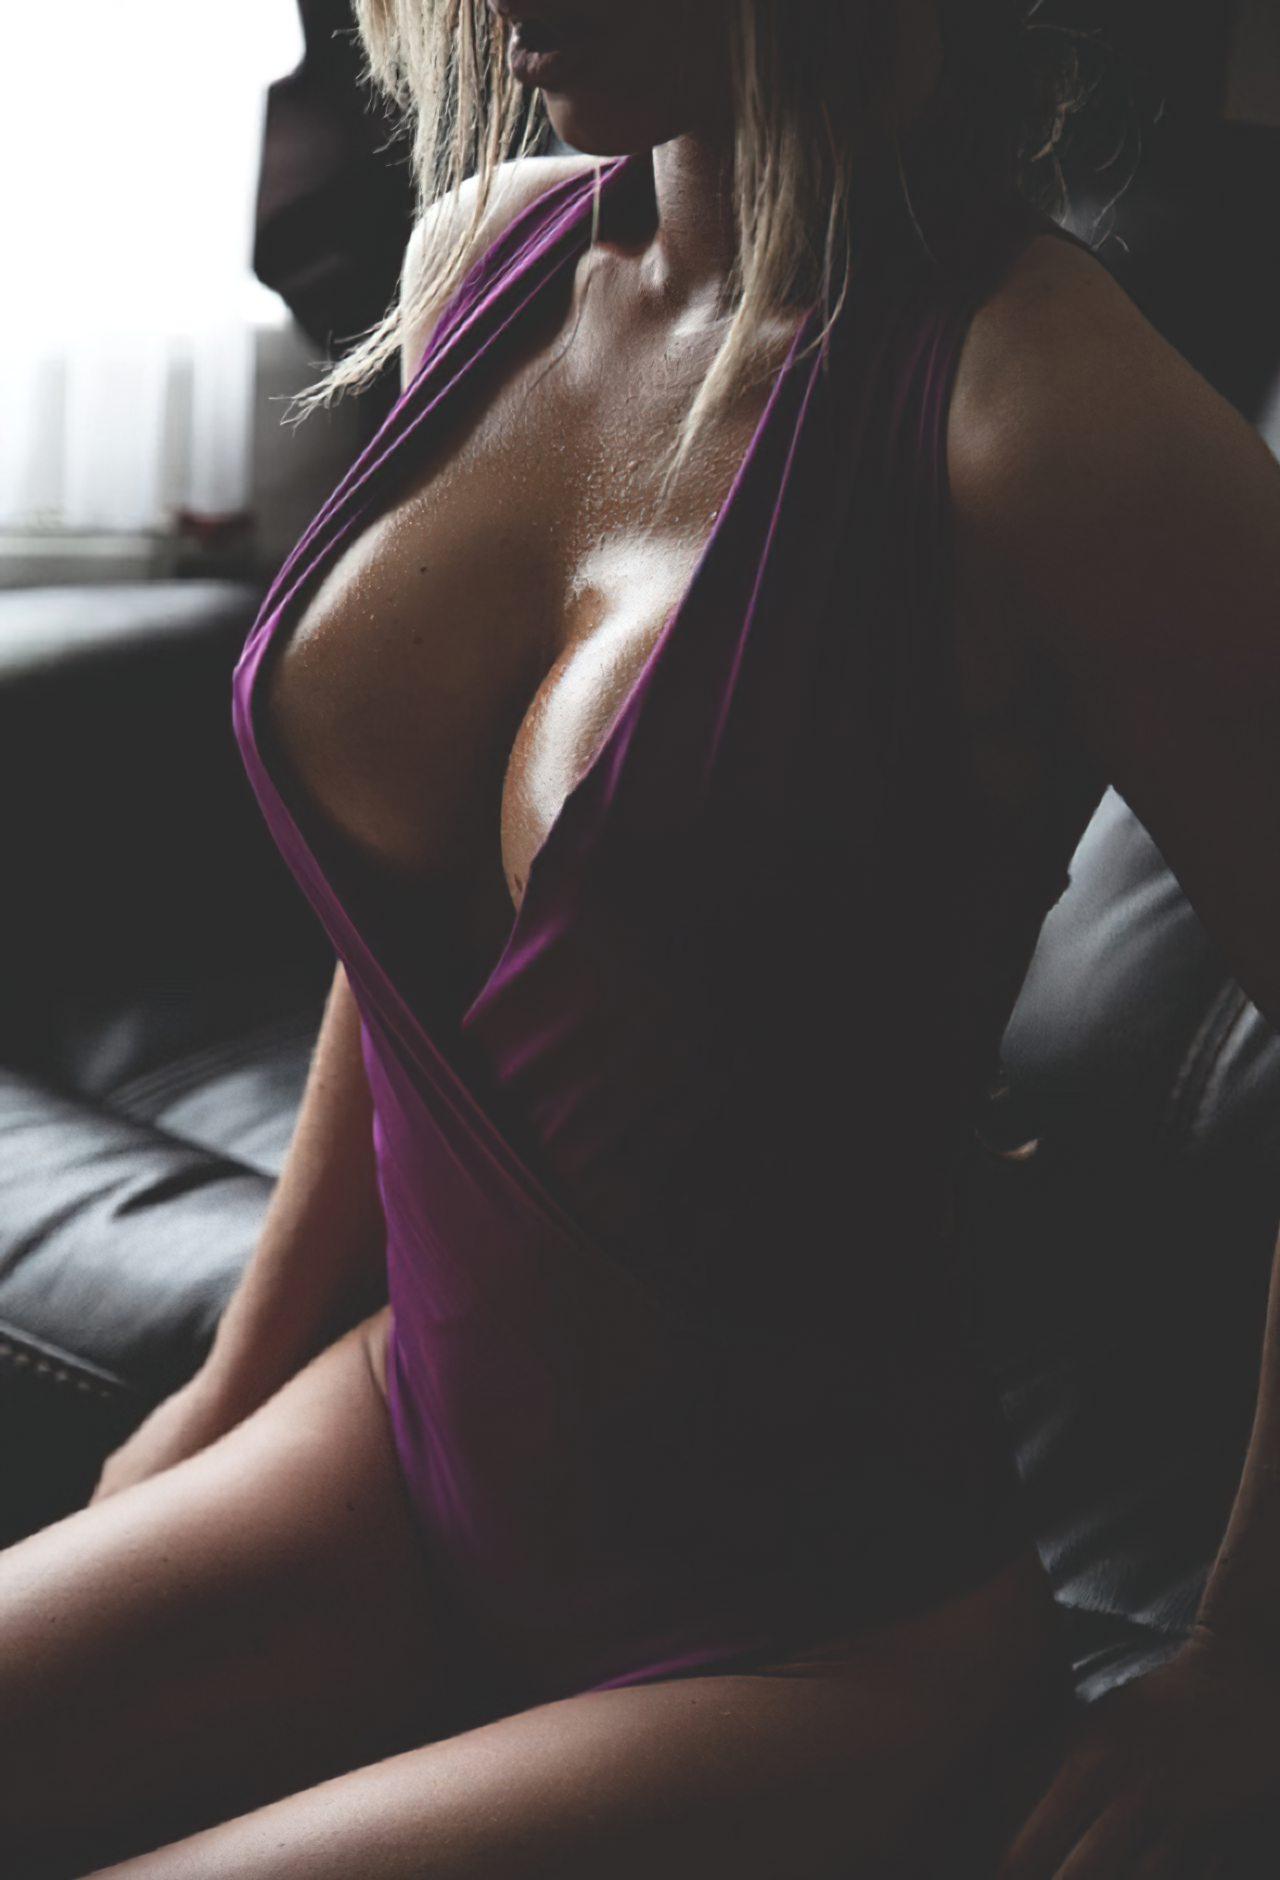 Mulheres Peladas (19)